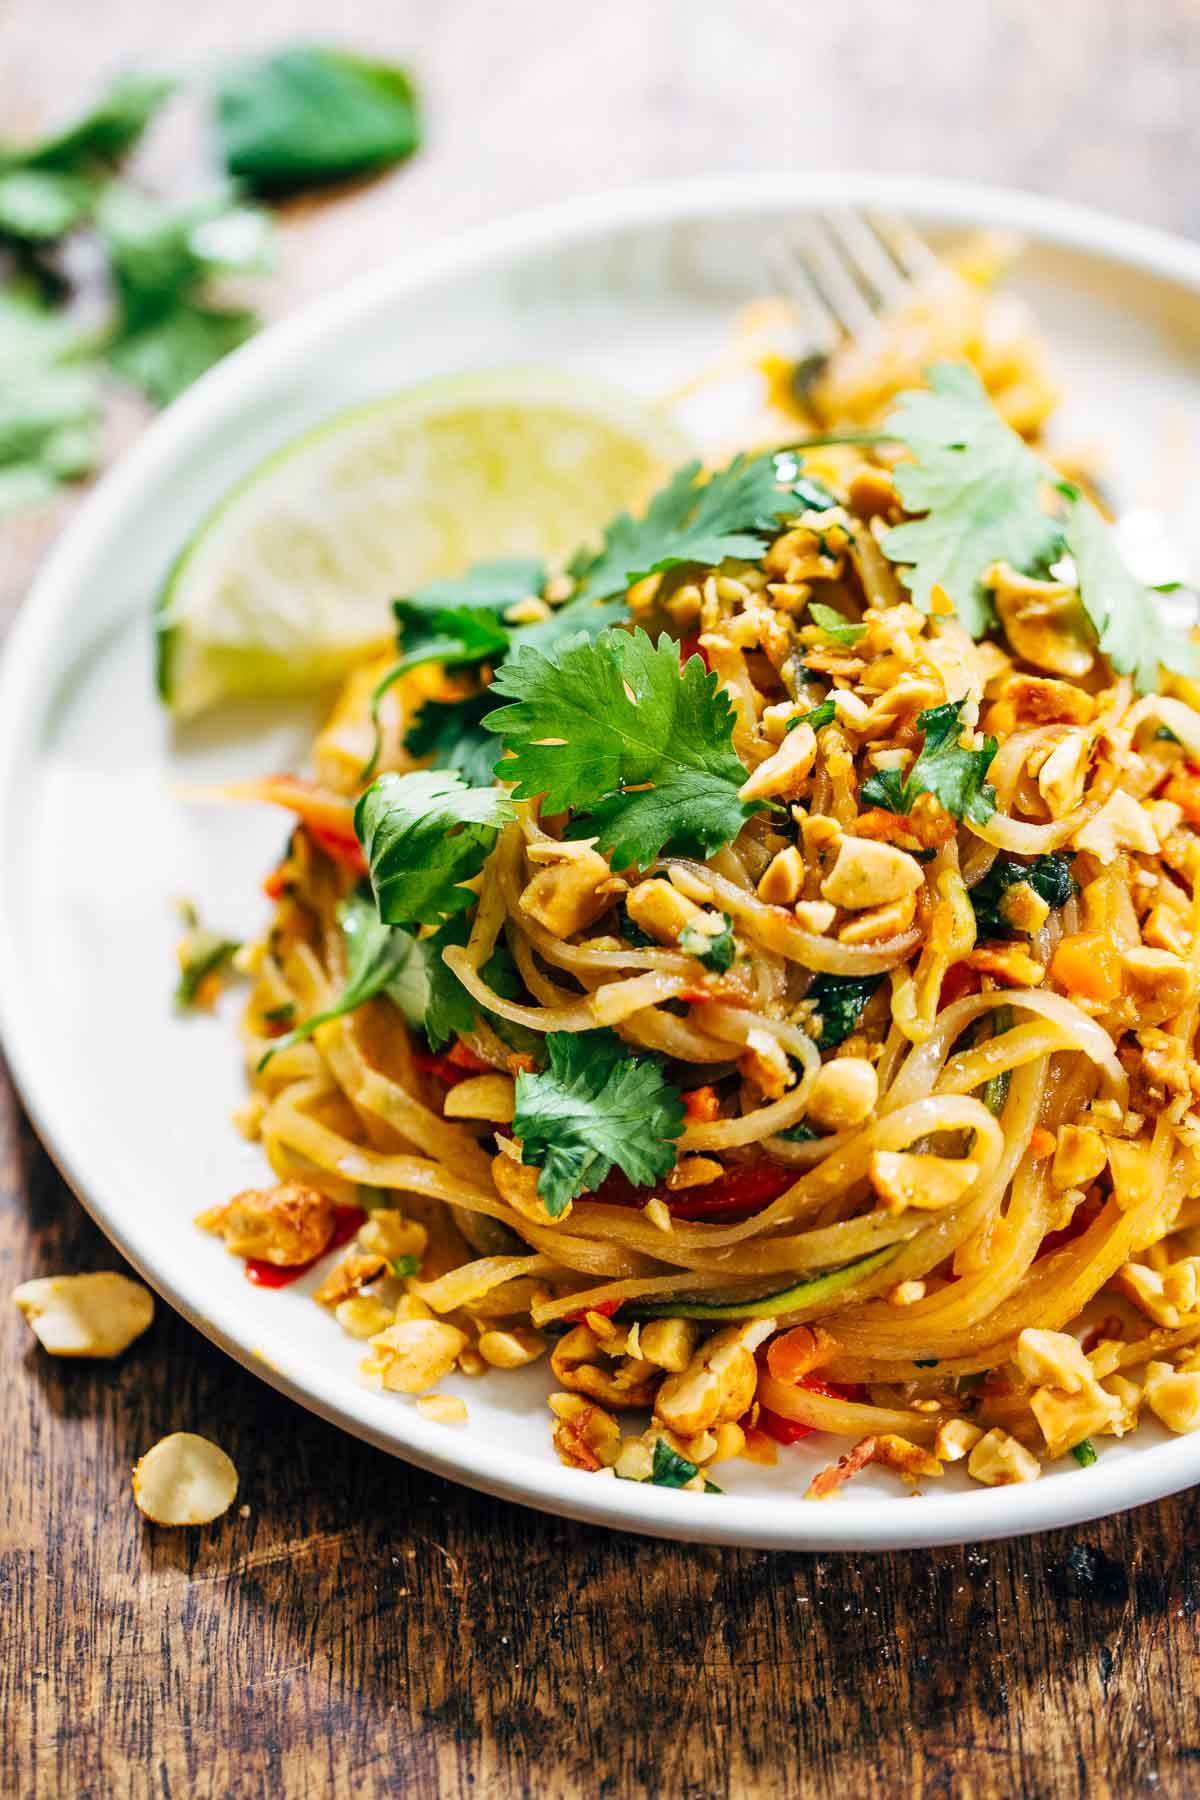 Таиландское блюдо Пад-тай: как вкусно приготовить рисовую лапшу